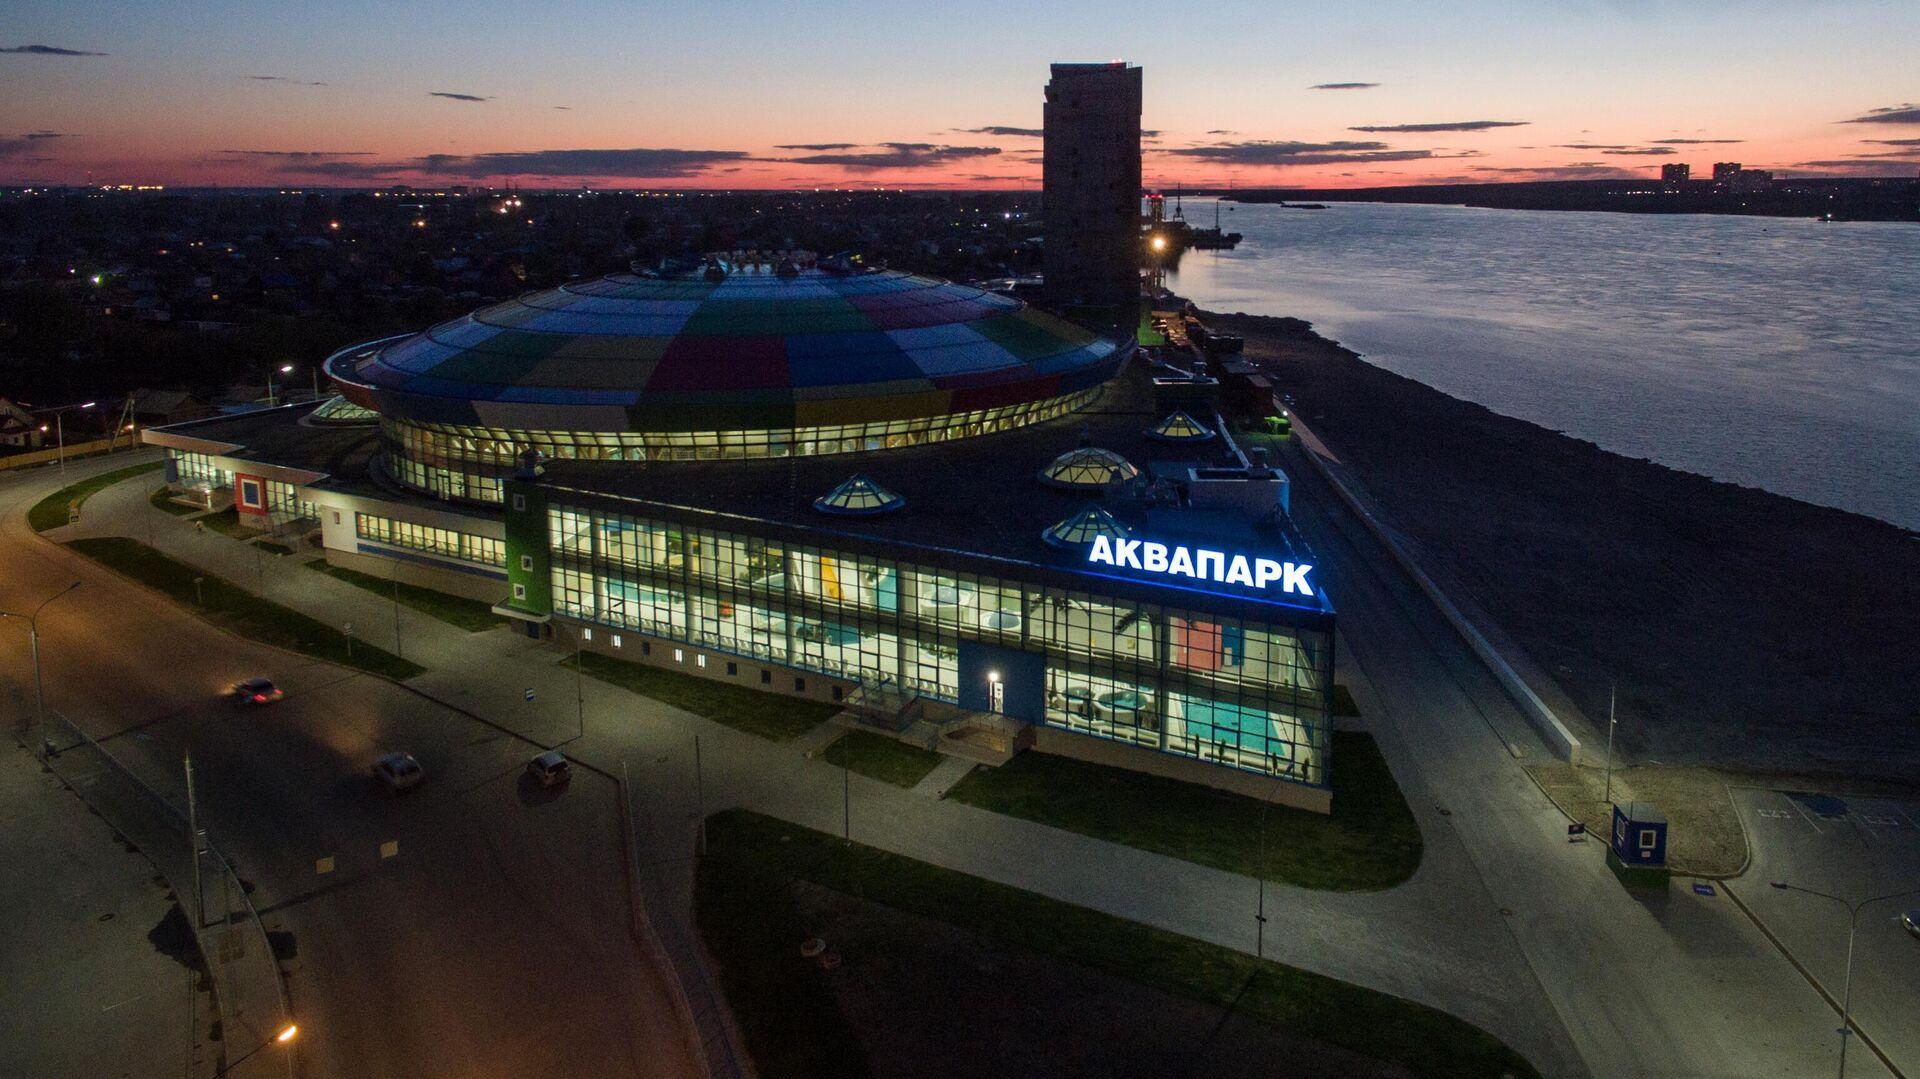 Крытый аквапарк Аквамир на берегу реки Обь в Новосибирске - РИА Новости, 1920, 19.08.2021